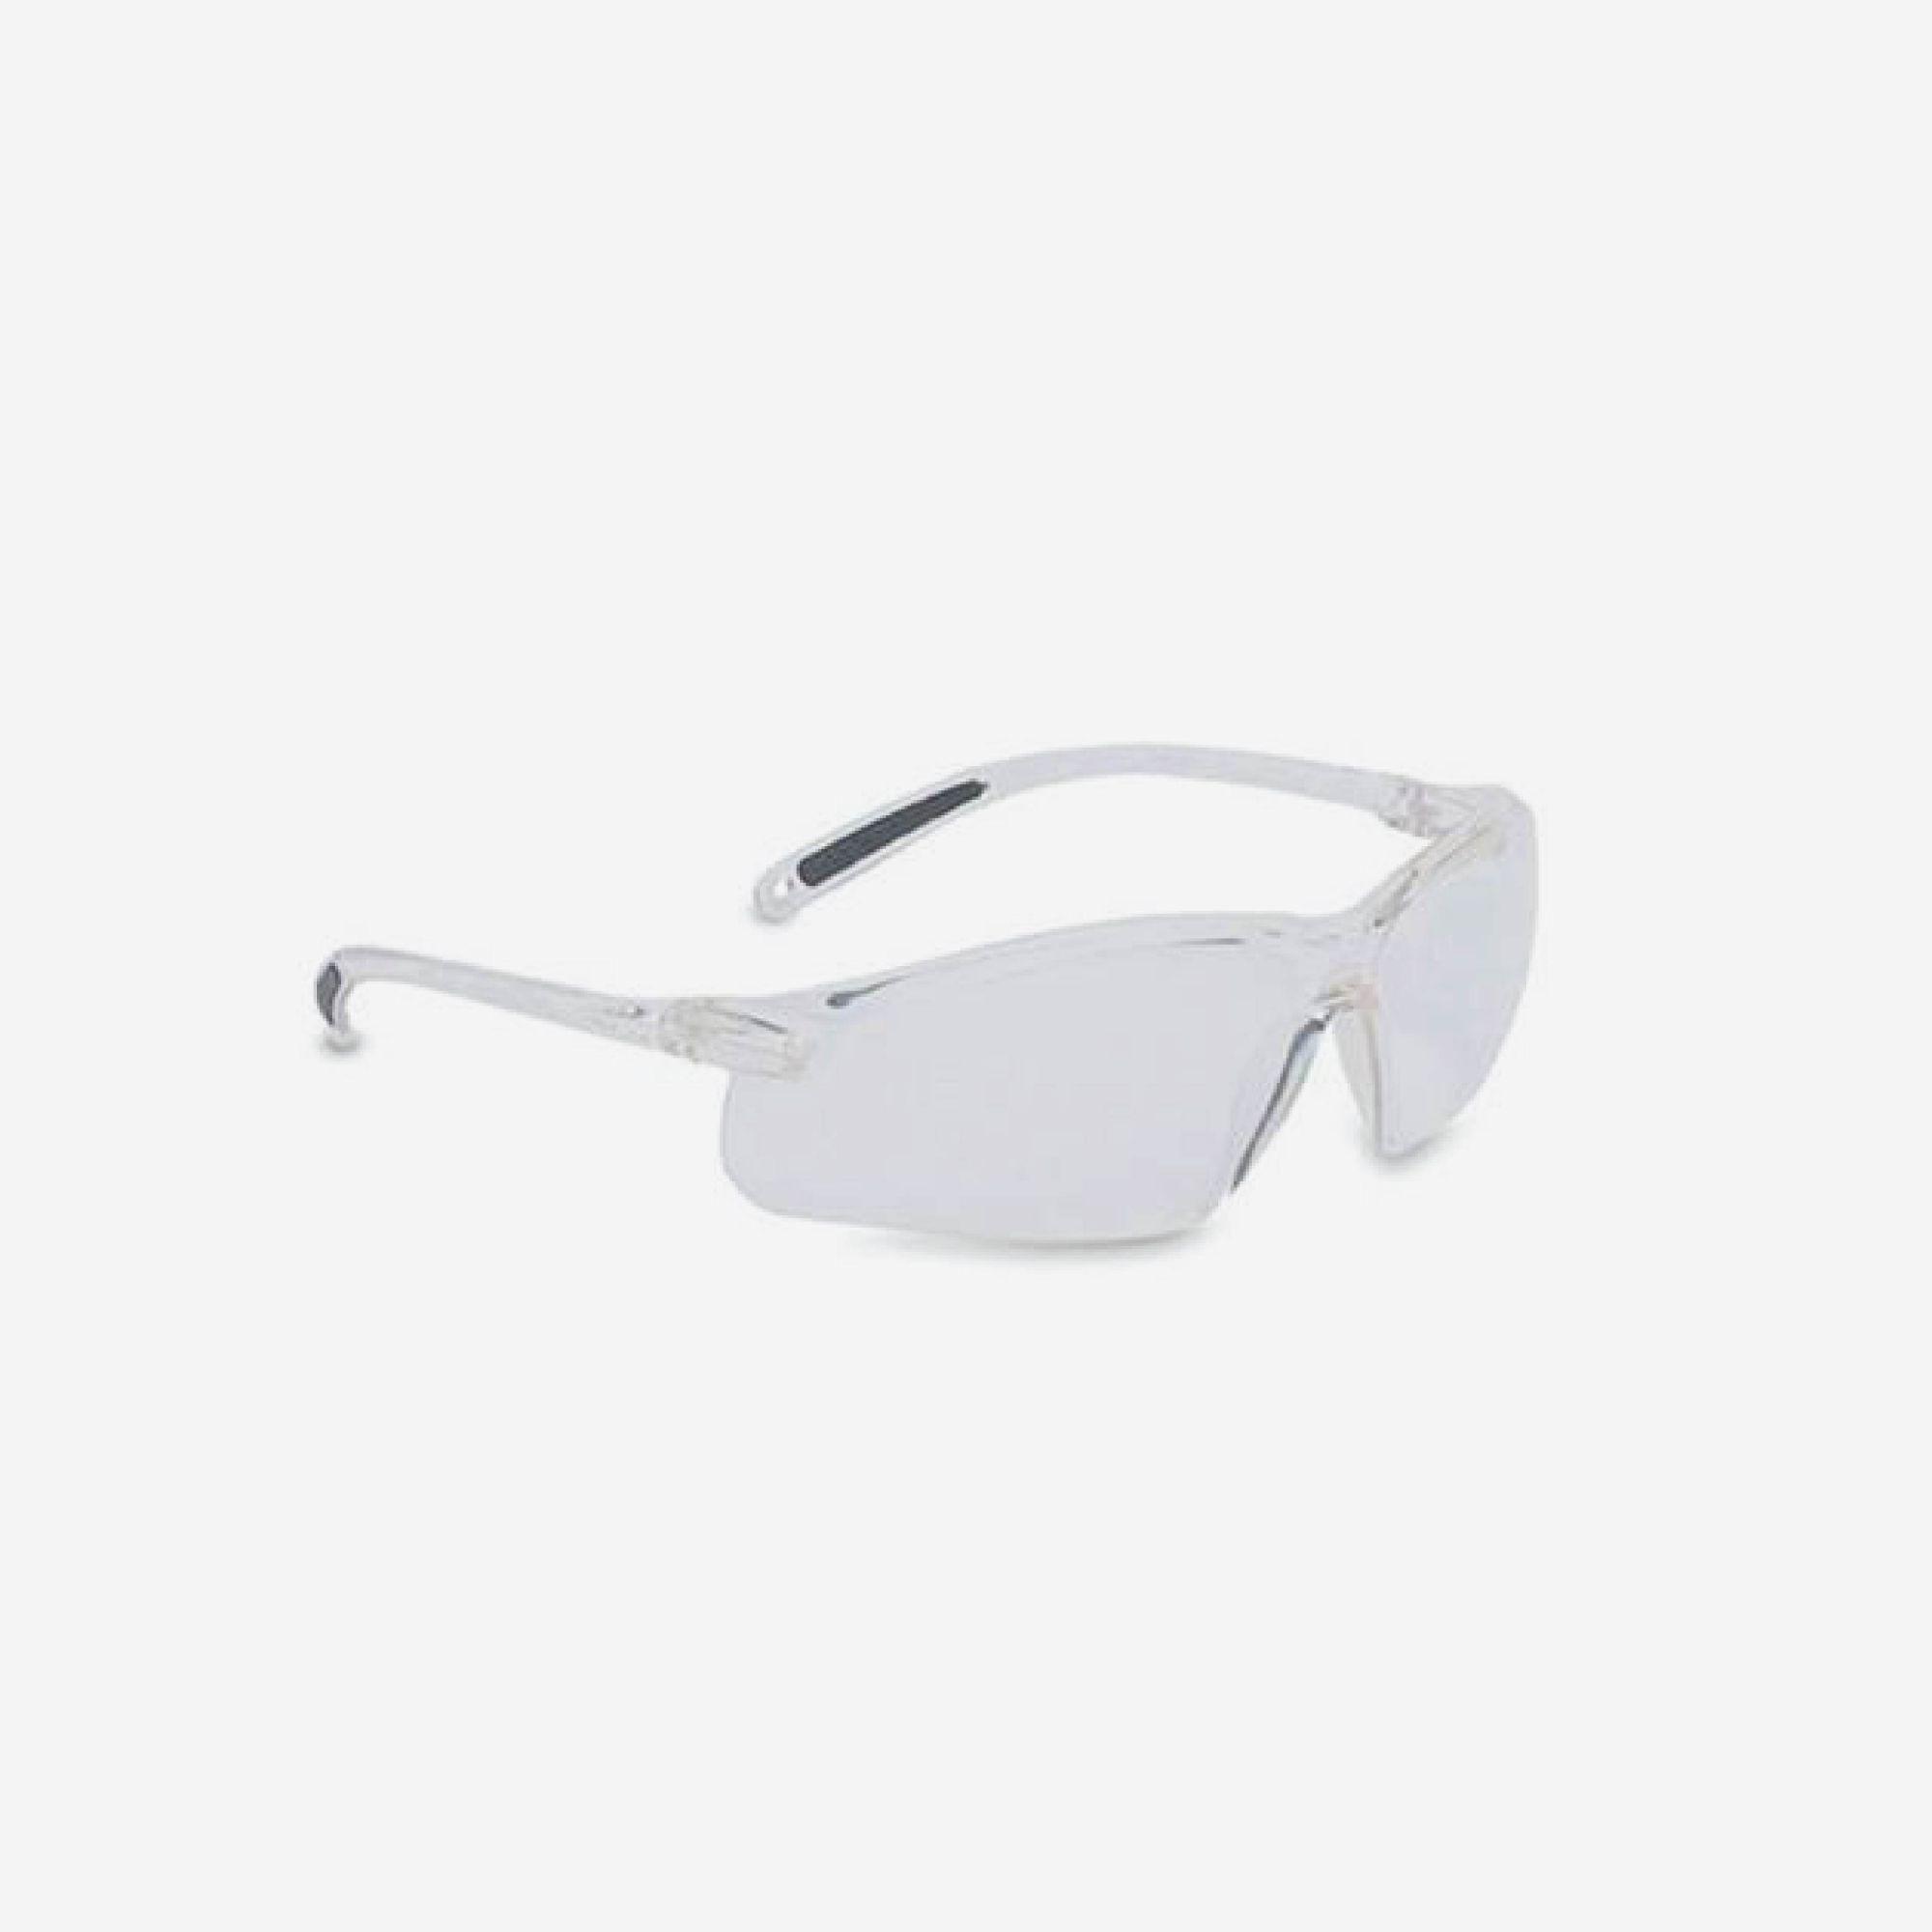 Óculos de Segurança A705 Uvex Incolor - Honeywell